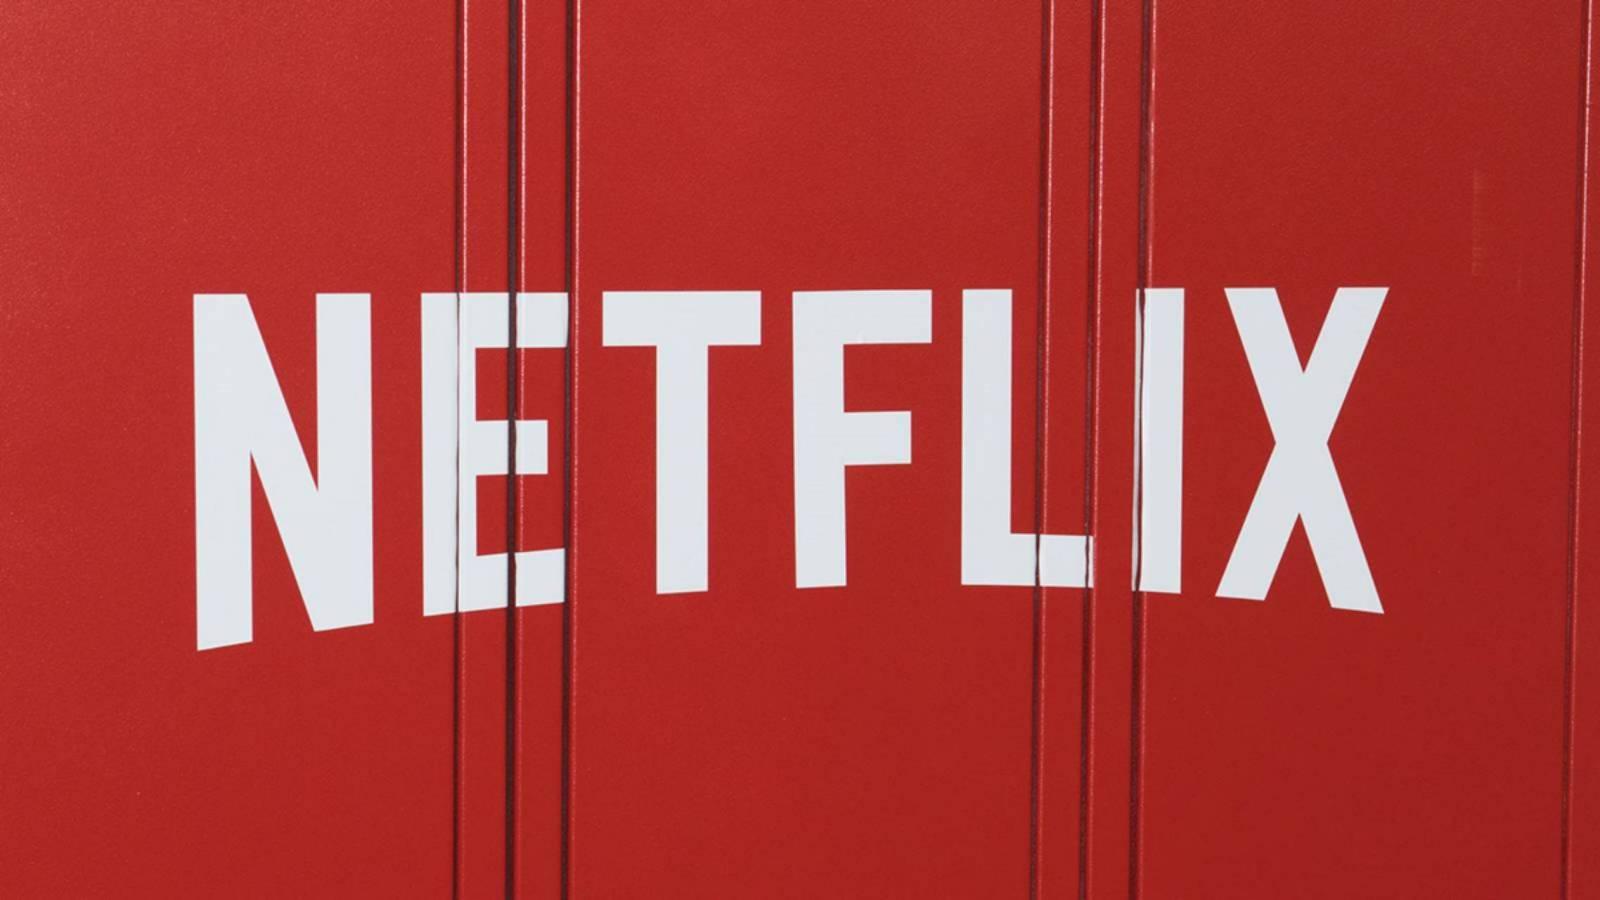 Netflix adaugari